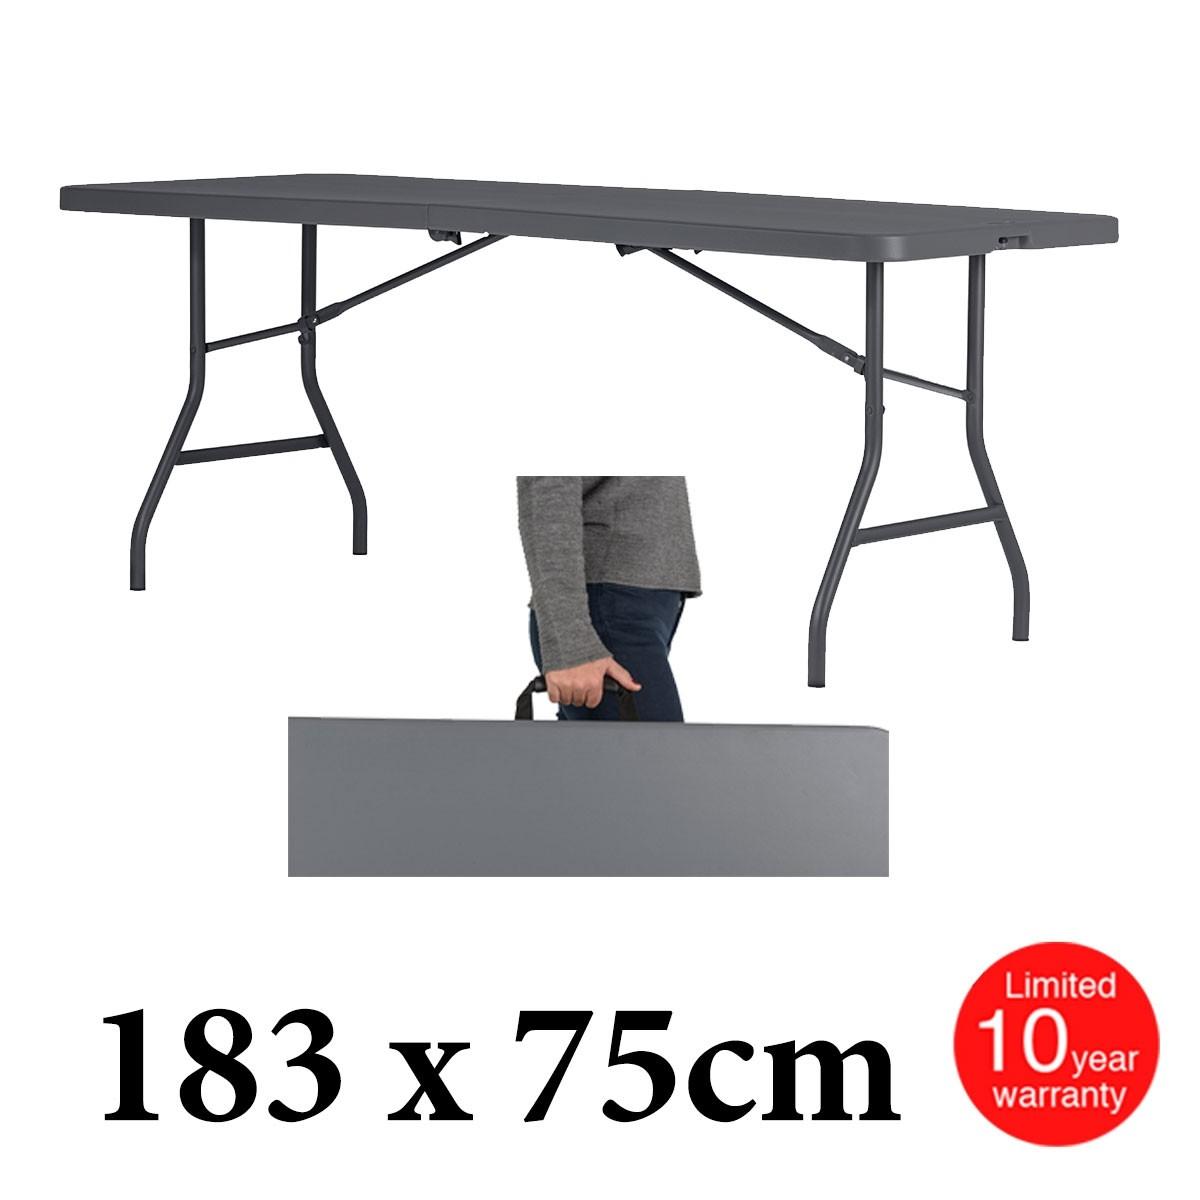 Πτυσσόμενο τραπέζι βαλίτσα οκτώ ατόμων Zown Sharp Table 180